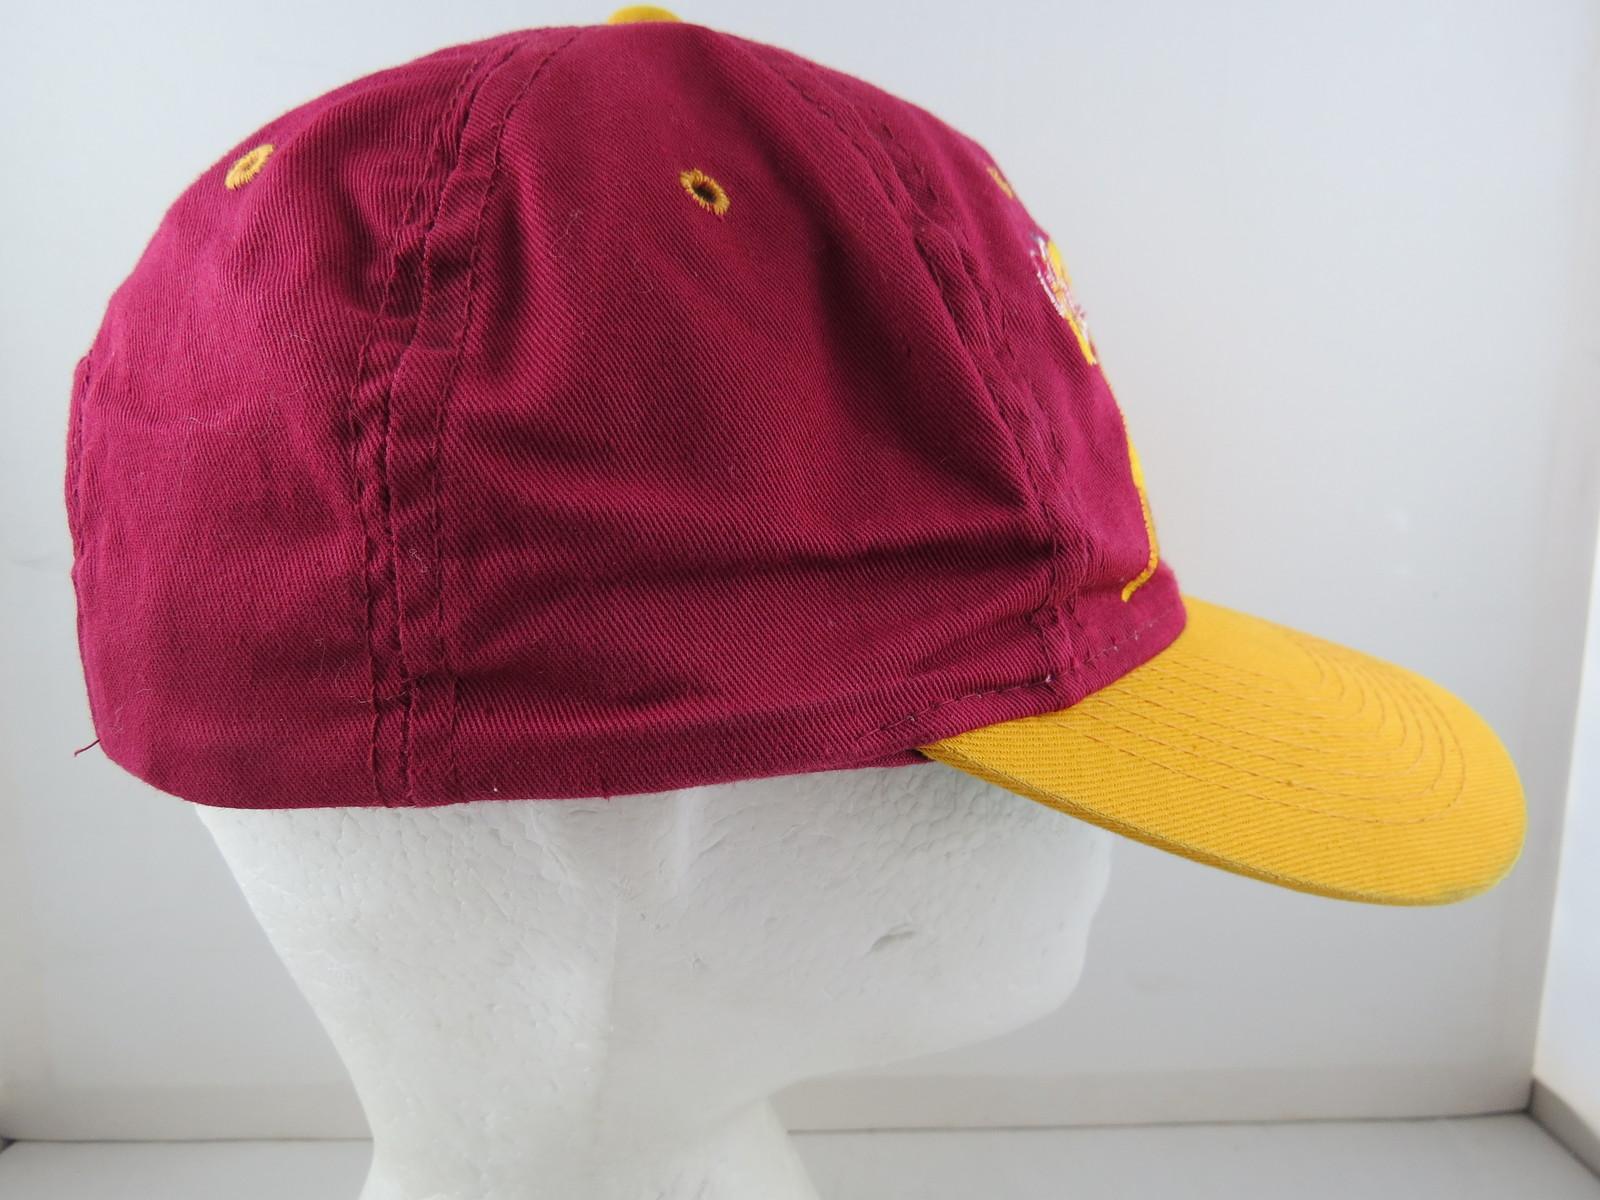 Washington Redskins Hat (VTG) - Script Front by Drew Preason - Adult Snapback